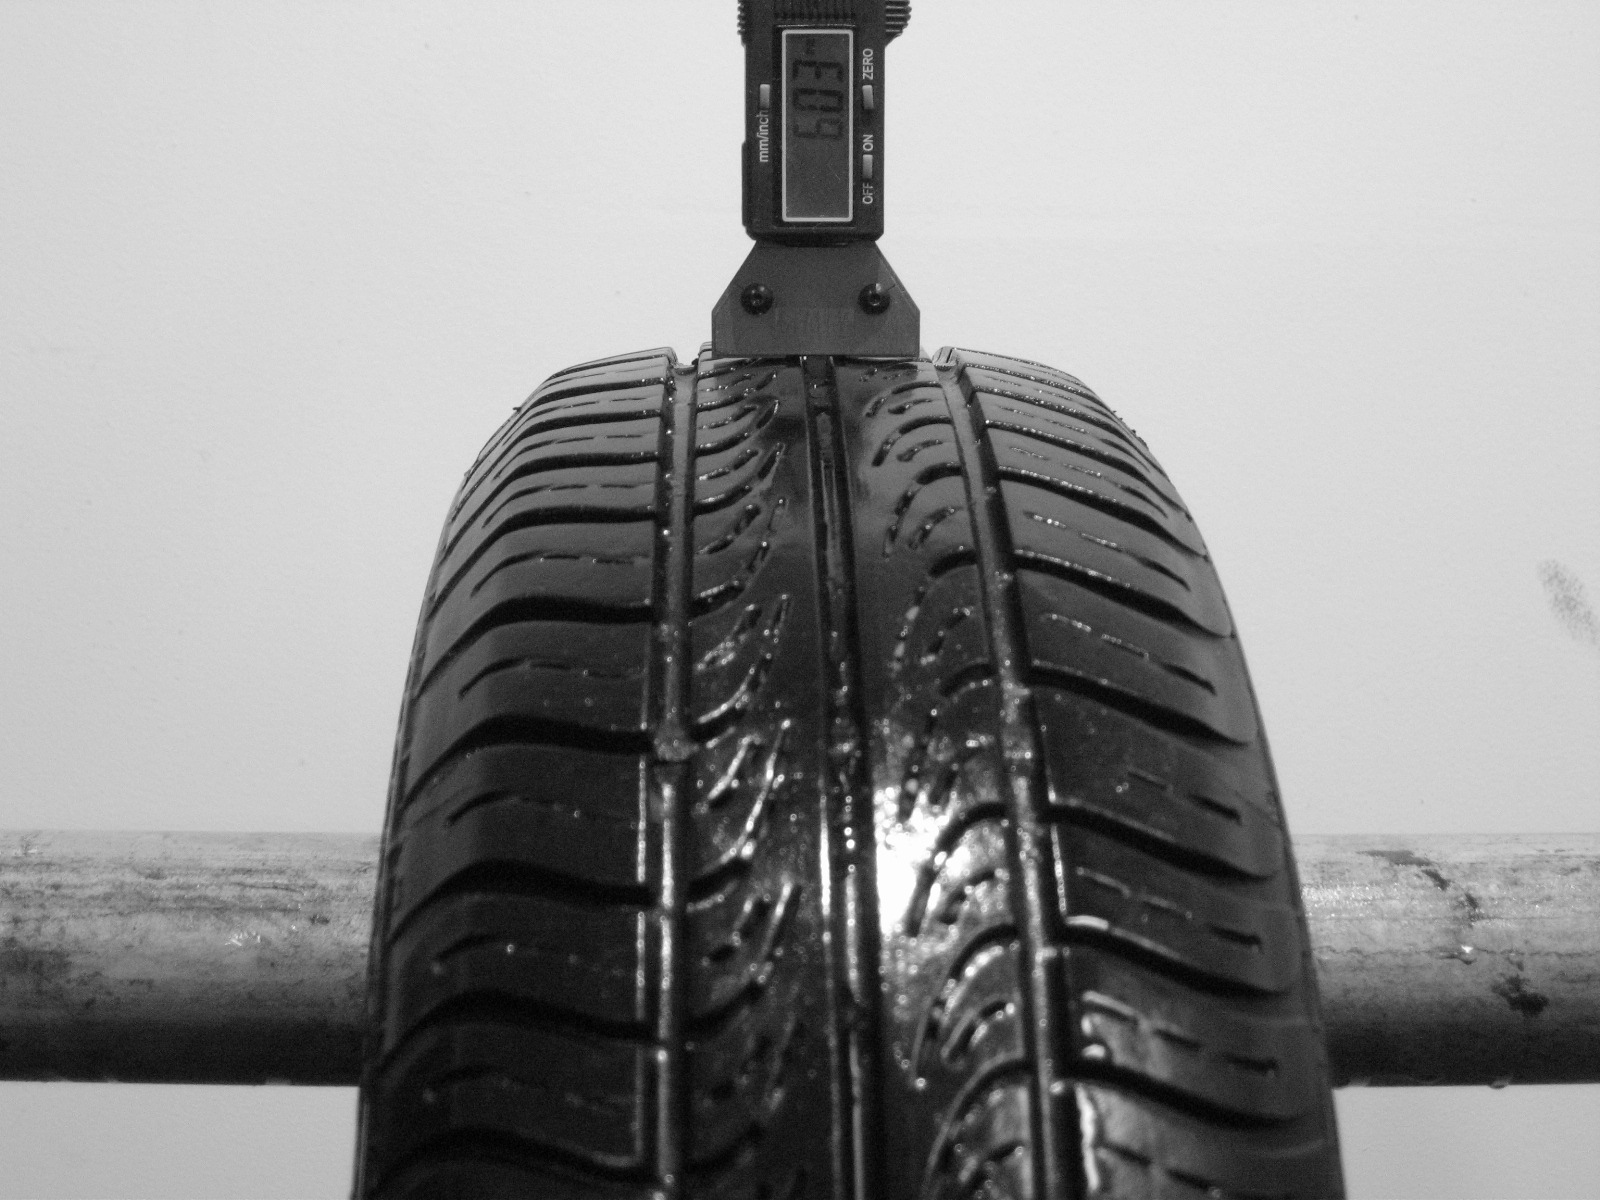 Použité-Pneu-Bazar - 165/70 R13 GISLAVED SPEED 616 -kusovka-rezerva 3mm